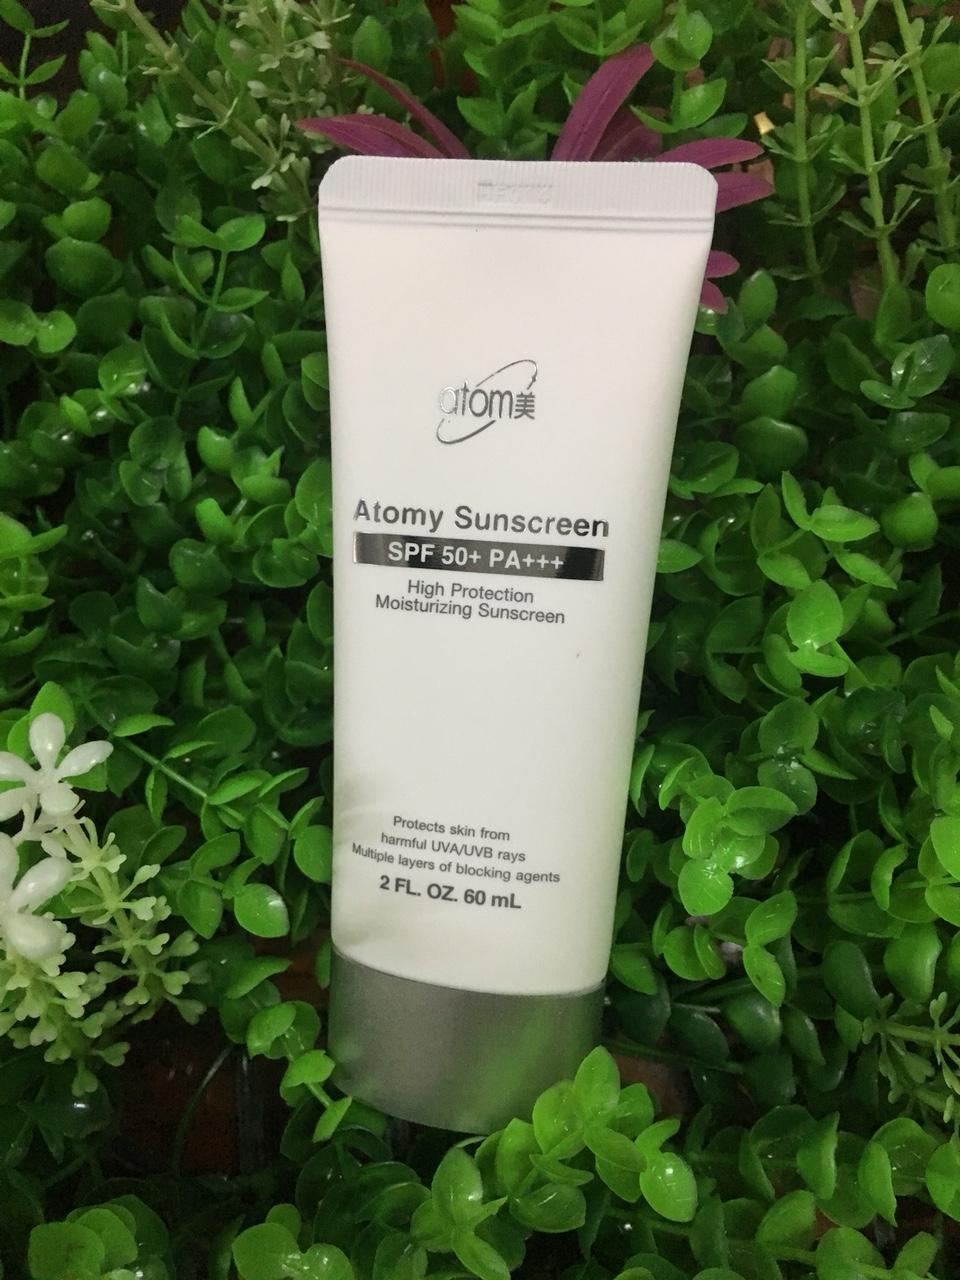 Kem chống nắng Suncream nhập khẩu